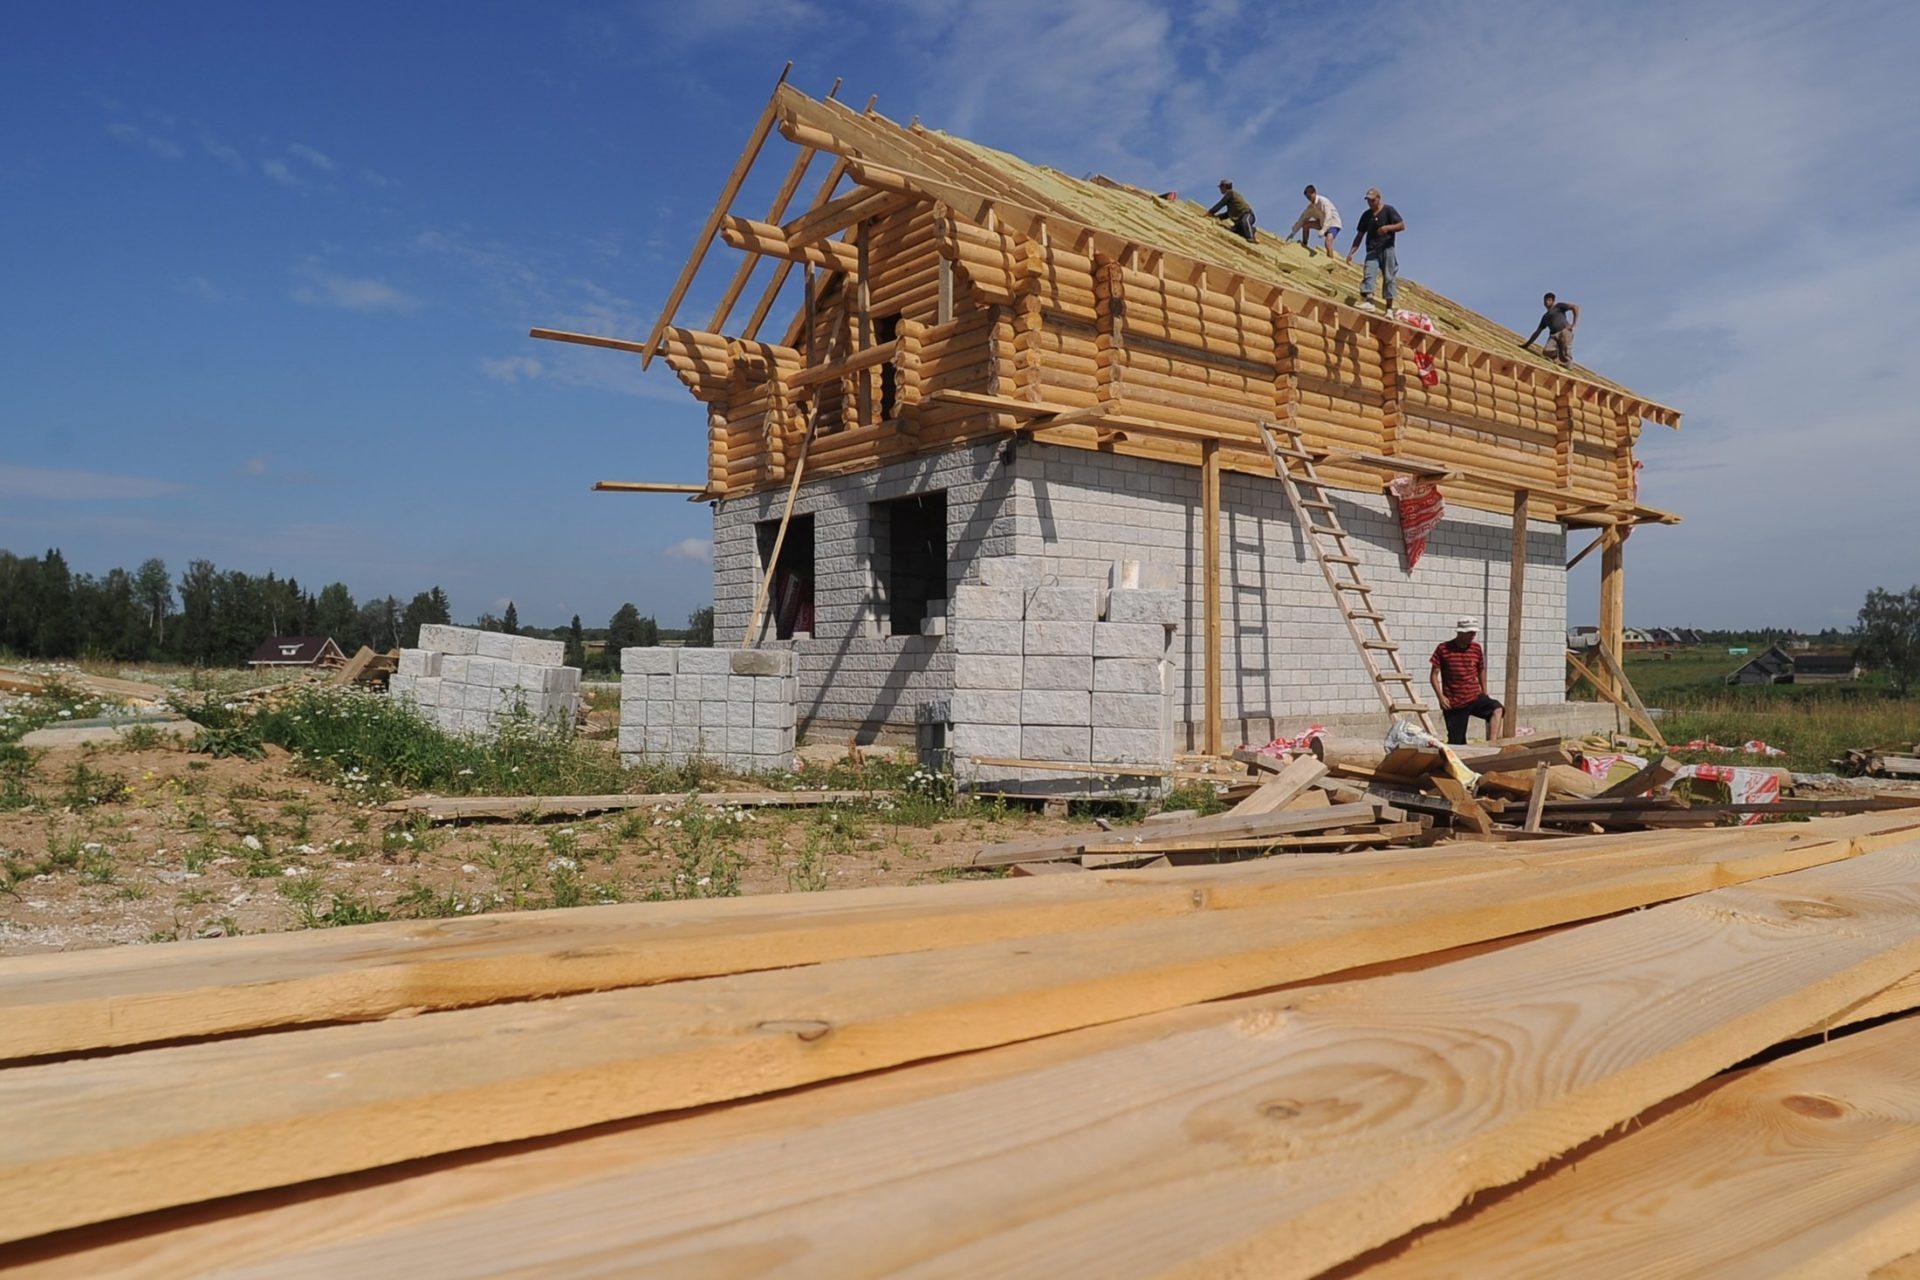 Семьи смогут получить до 450 тысяч рублей на постройку своего дома